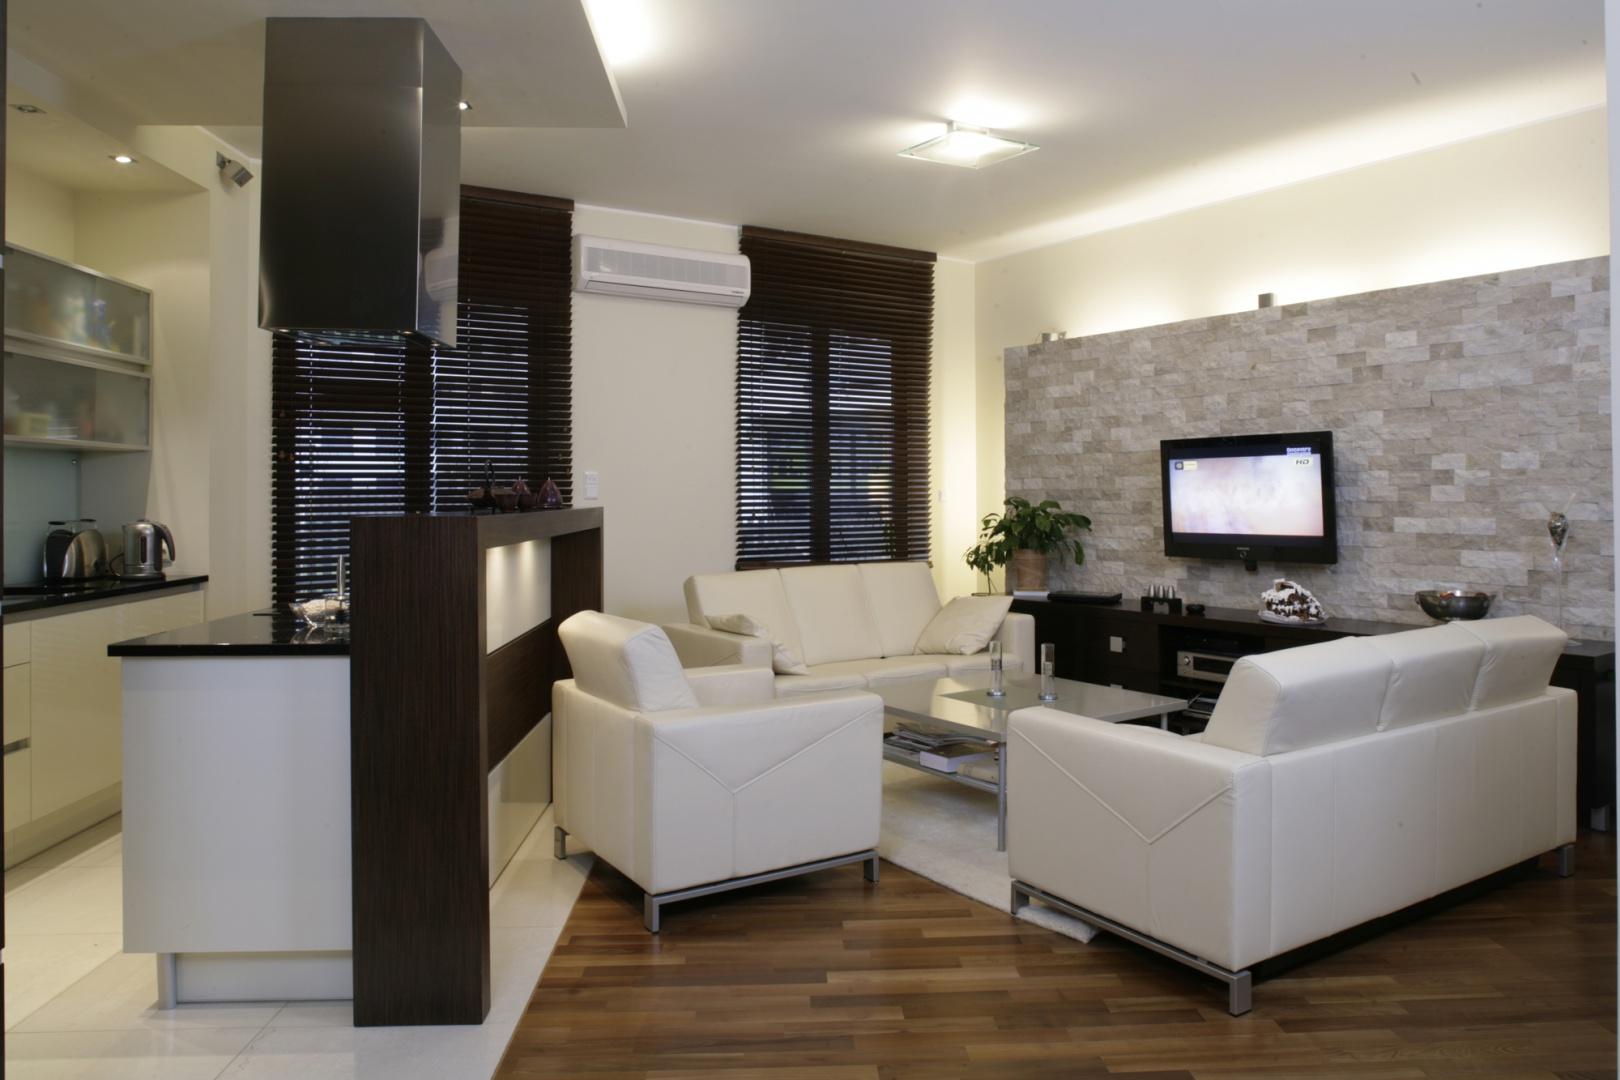 Salonowo–kuchenna przestrzeń jest jednorodna pod względem stylu i zastosowanych barw. Dominują tu minimalistyczne formy o eleganckich liniach. Fot. Monika Filipiuk.